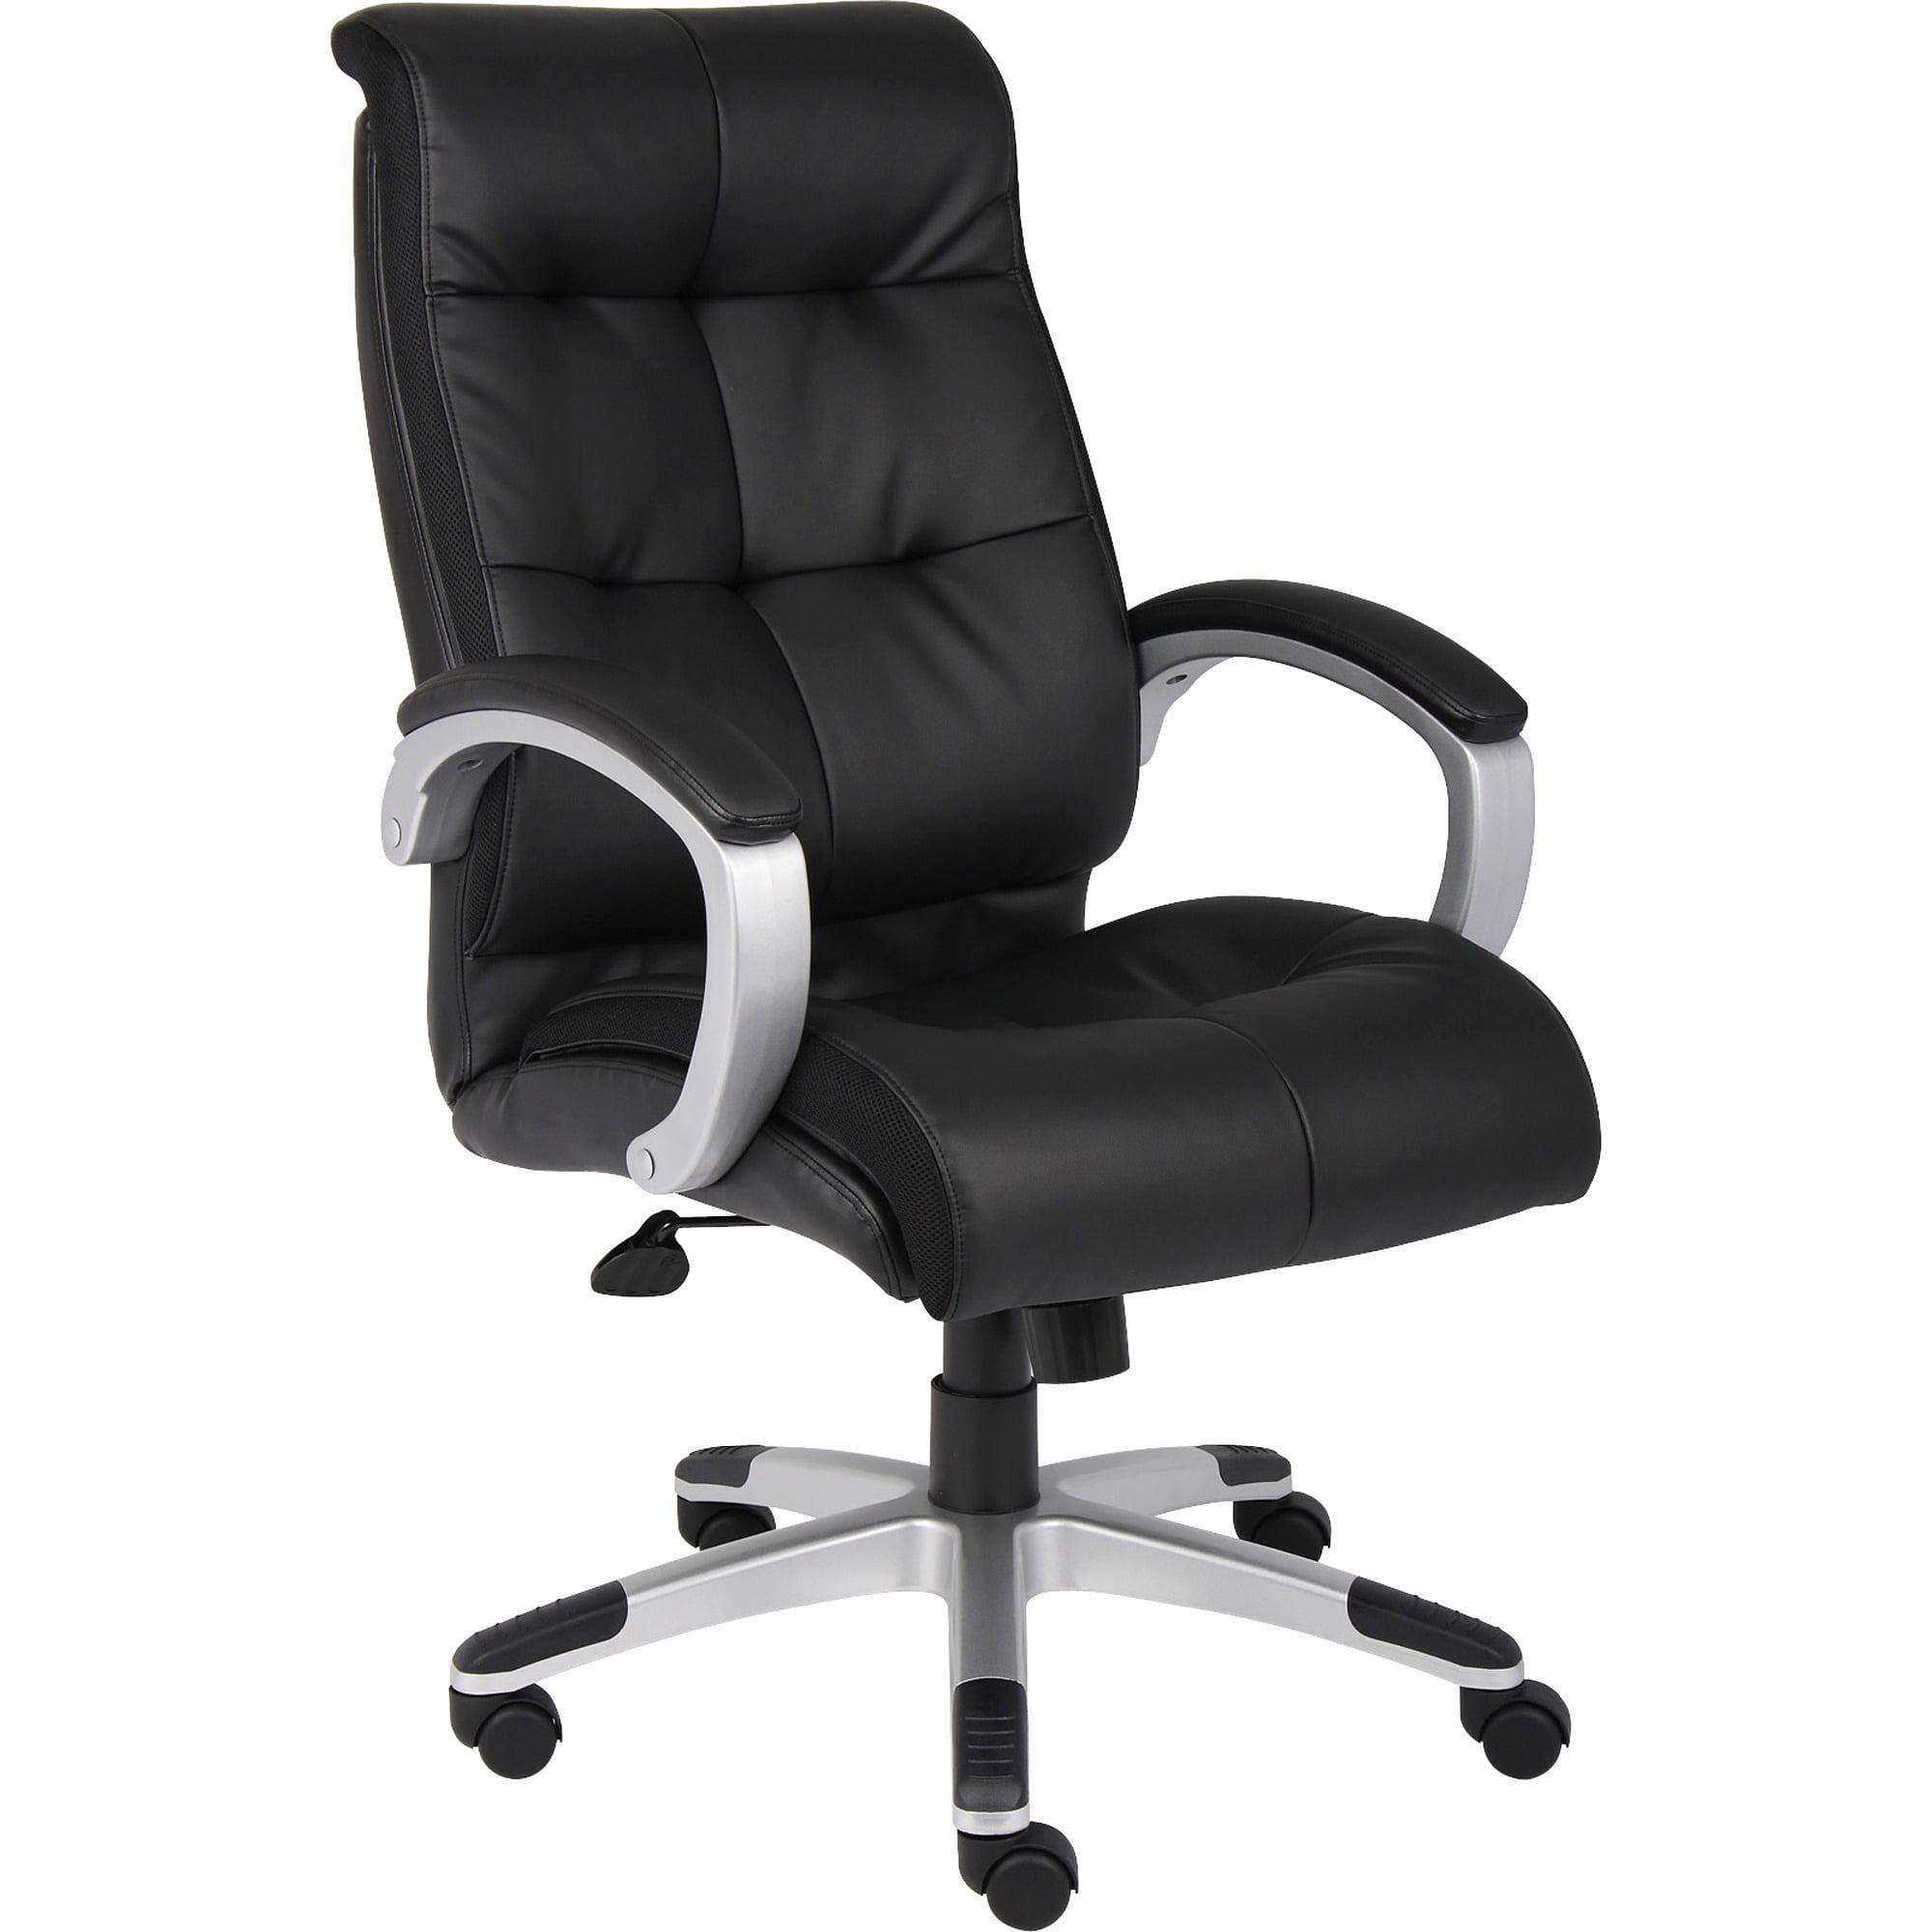 Lorell, GJO11958, Executive Chair, 1 Each, Black